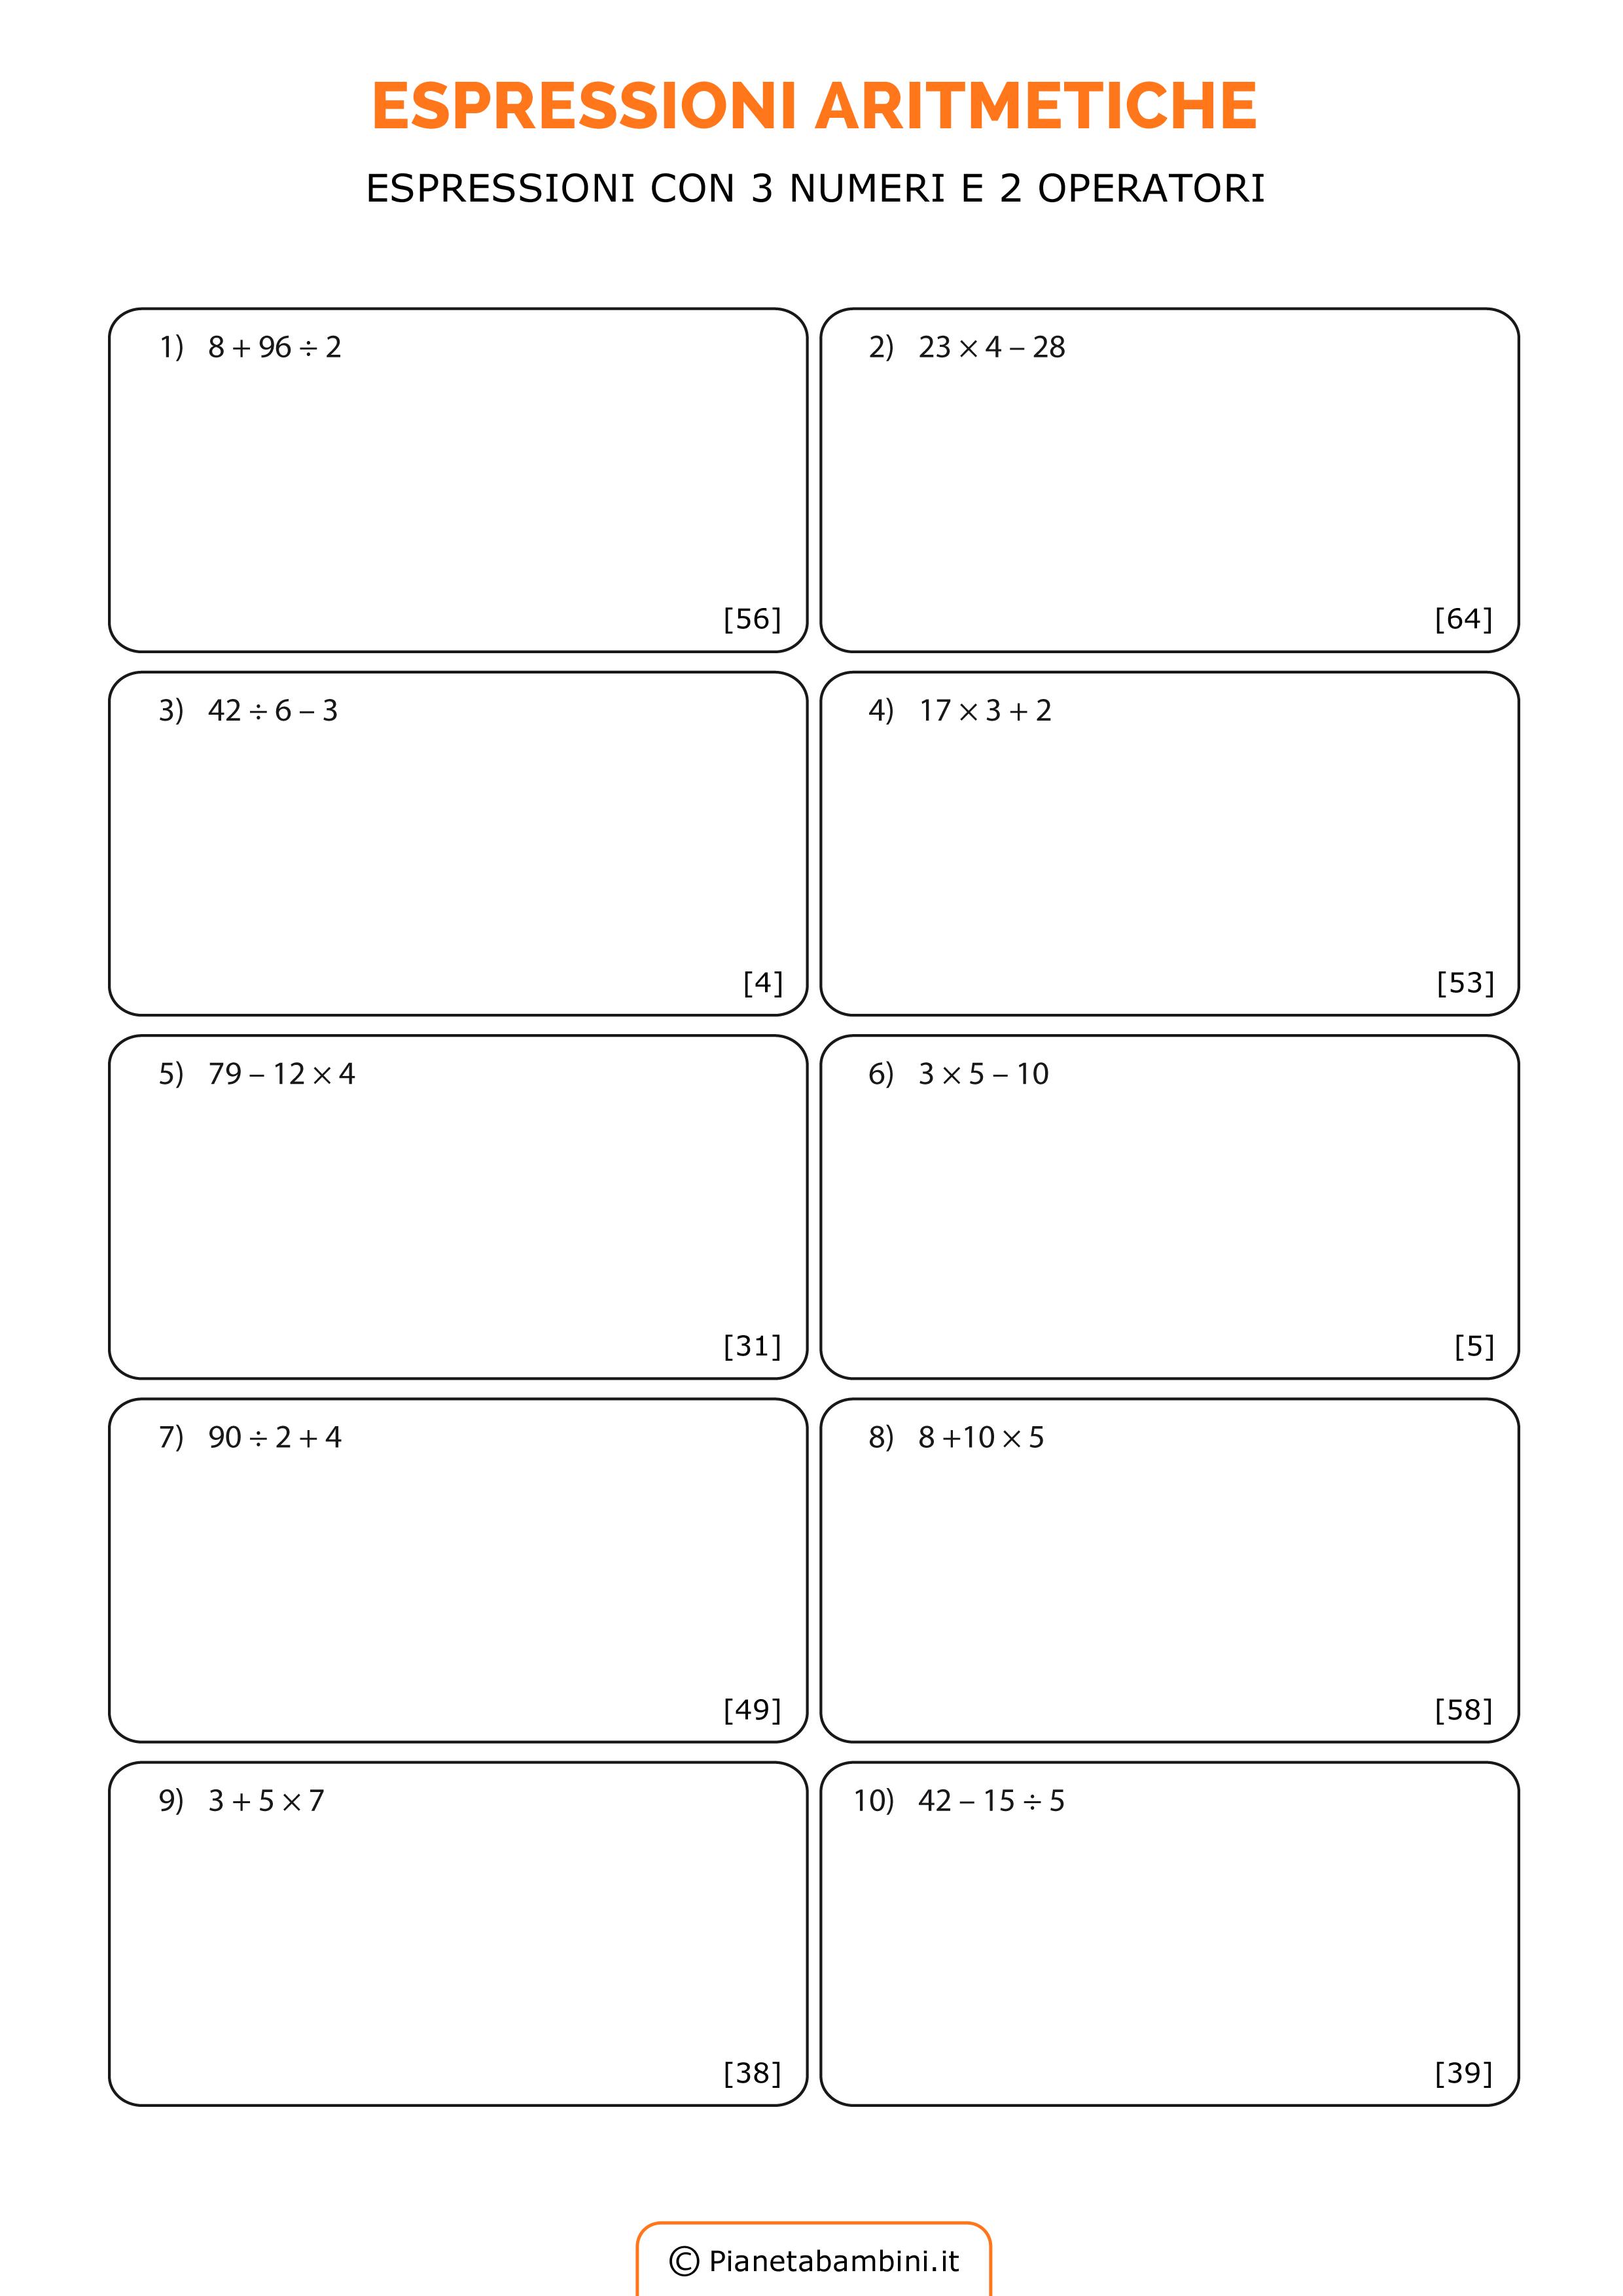 Esercizi-Espressioni-3-Numeri-2-Operatori_1